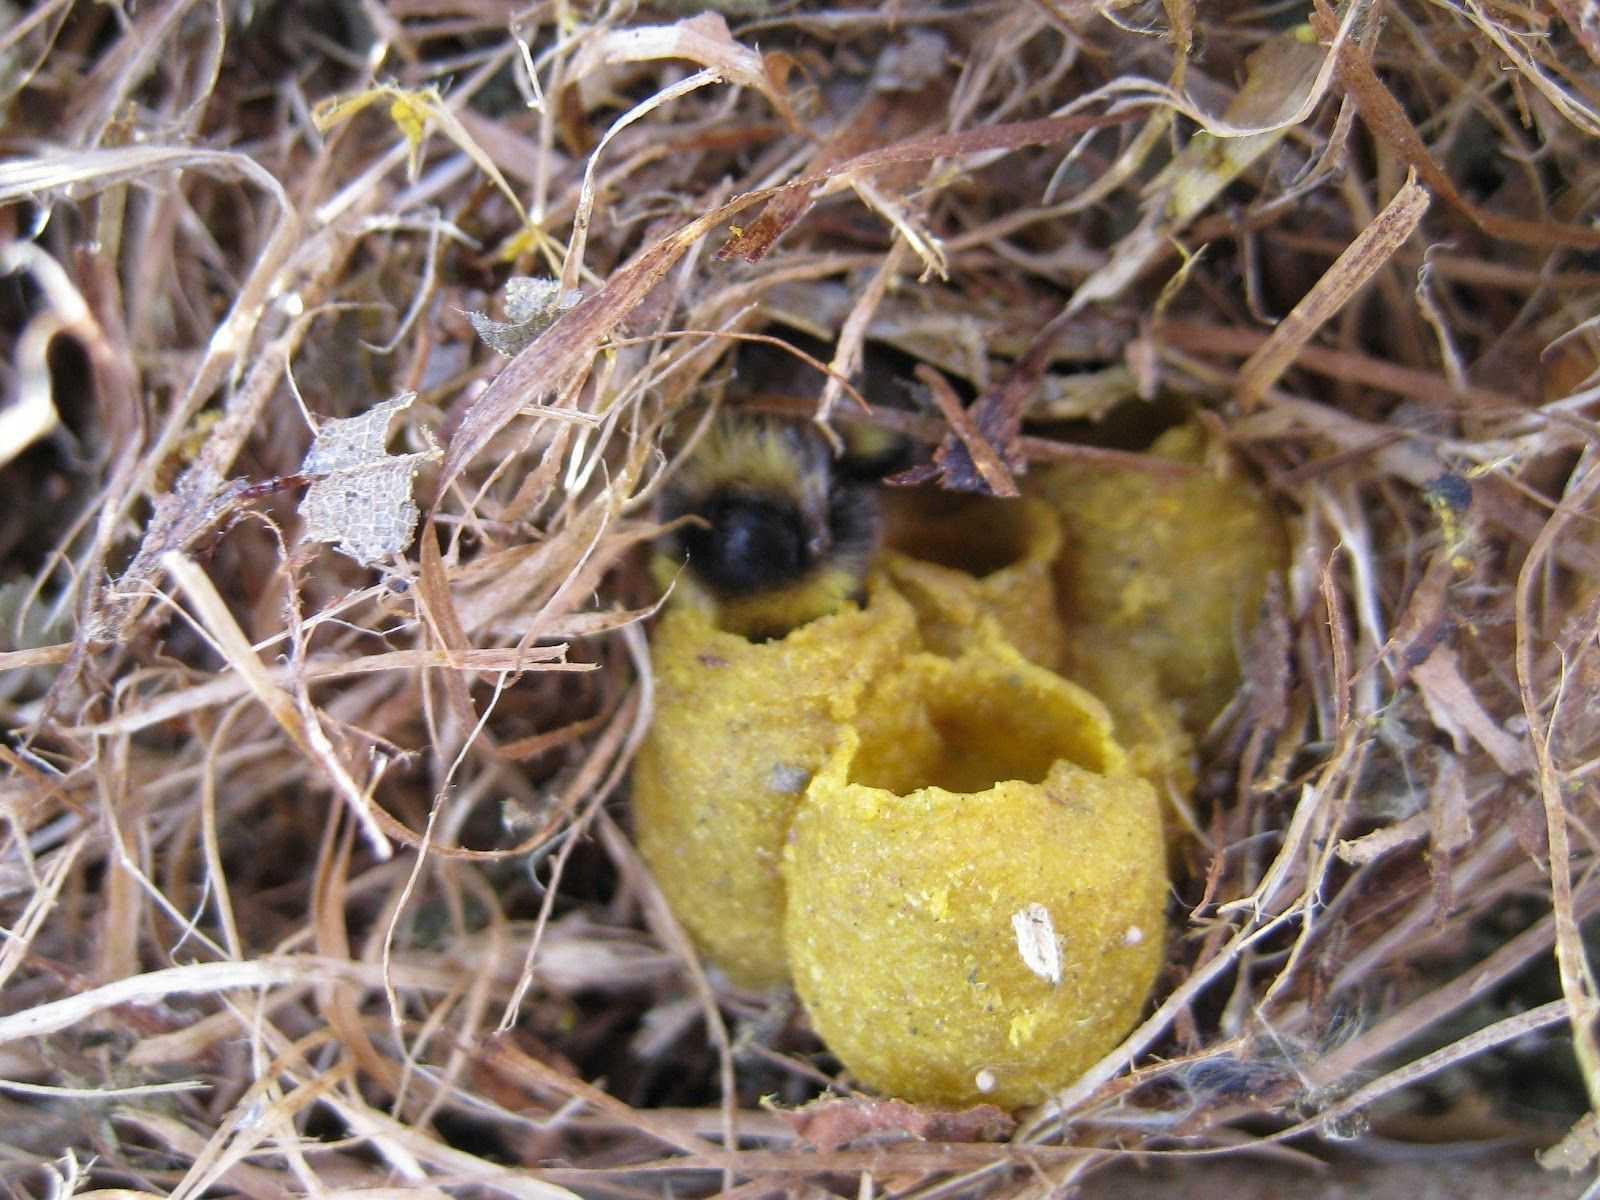 мужская гнезда шмелей на лугах фото этому